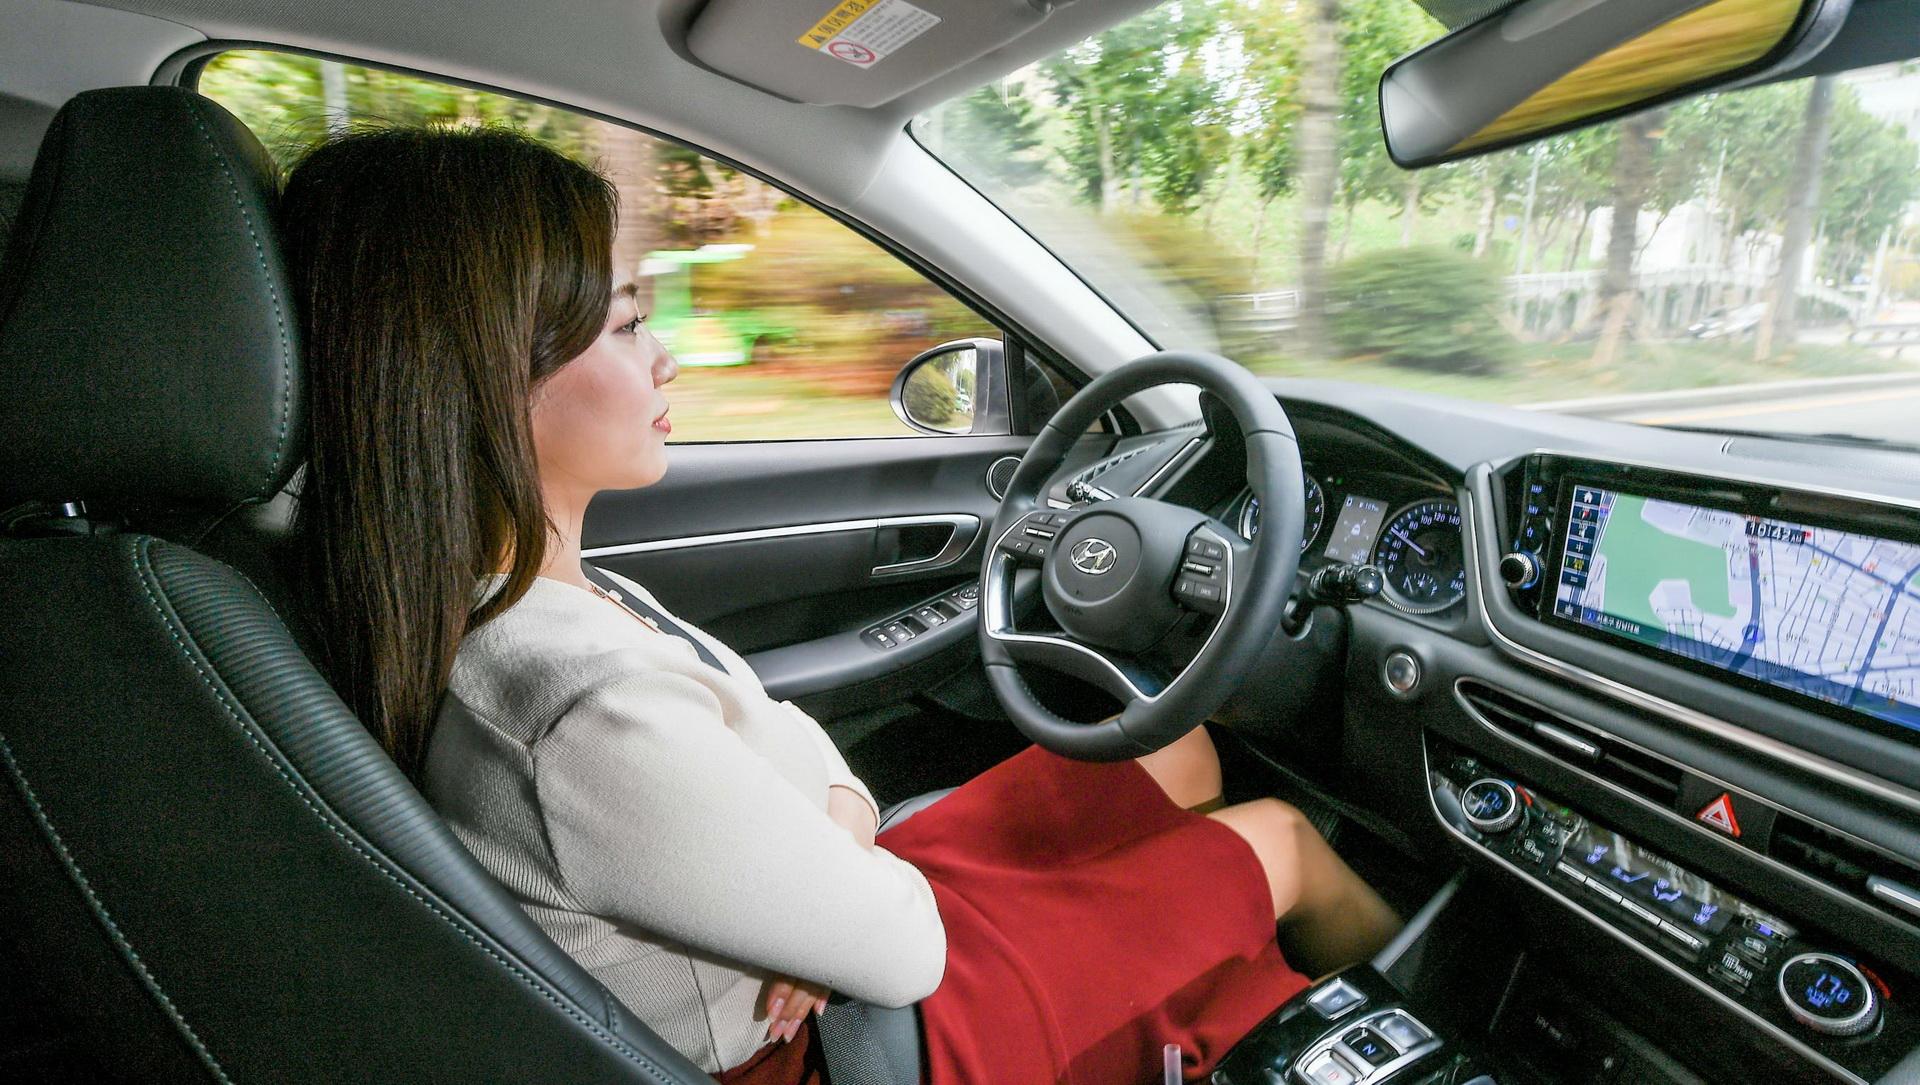 Mesterséges intelligenciával felvértezett adaptív tempomatot fejleszt a Hyundai